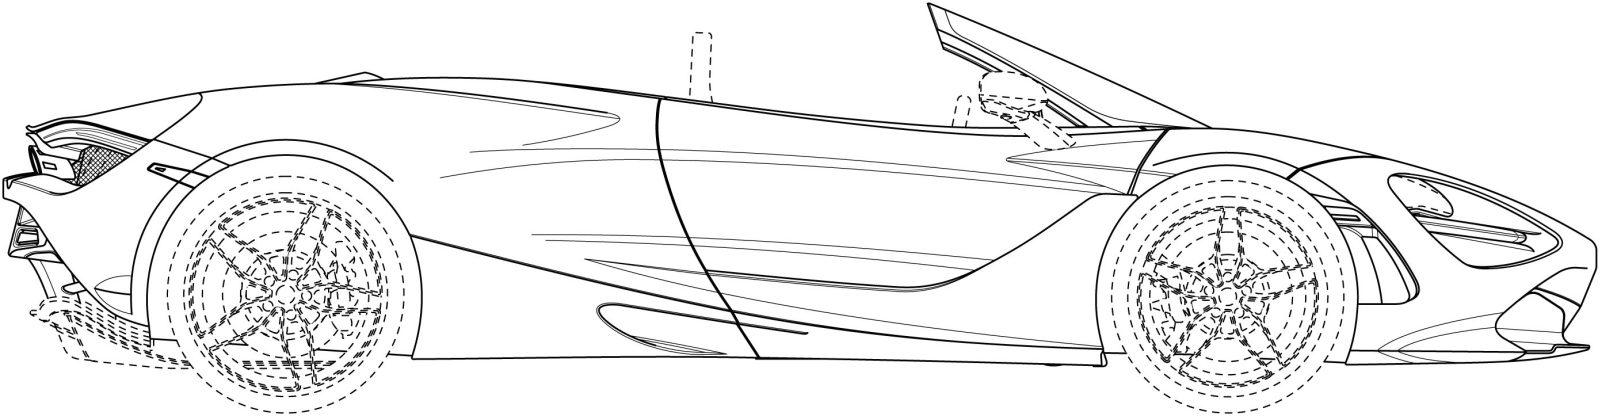 McLaren_720S_Spider_patent_images_0001